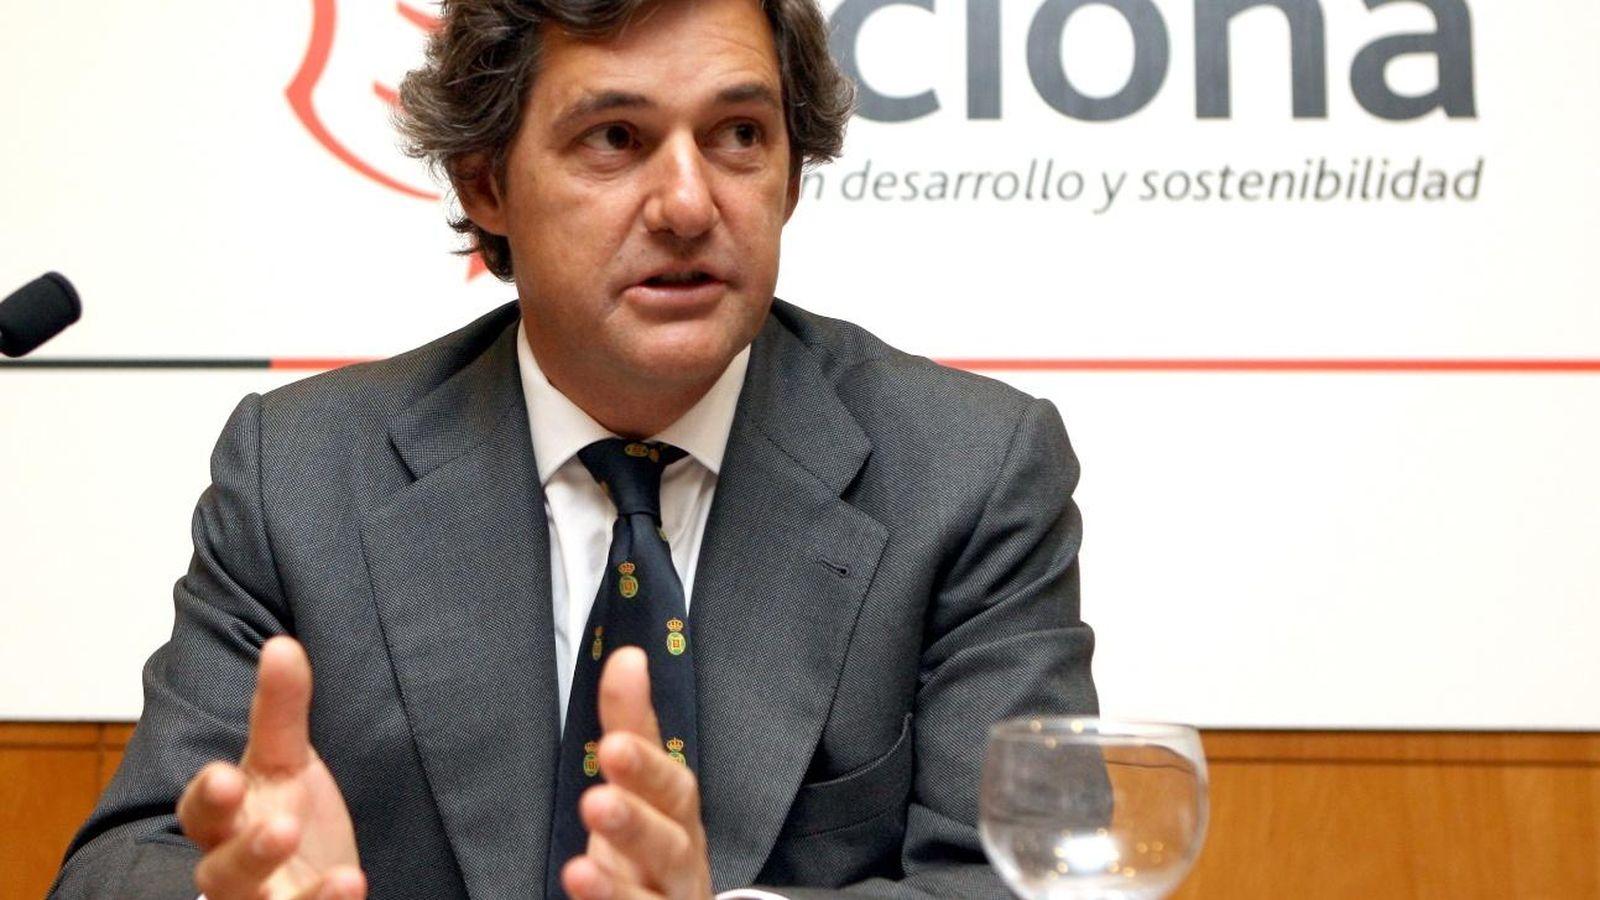 Foto: El presidente de Acciona, José Manuel Entrecanales